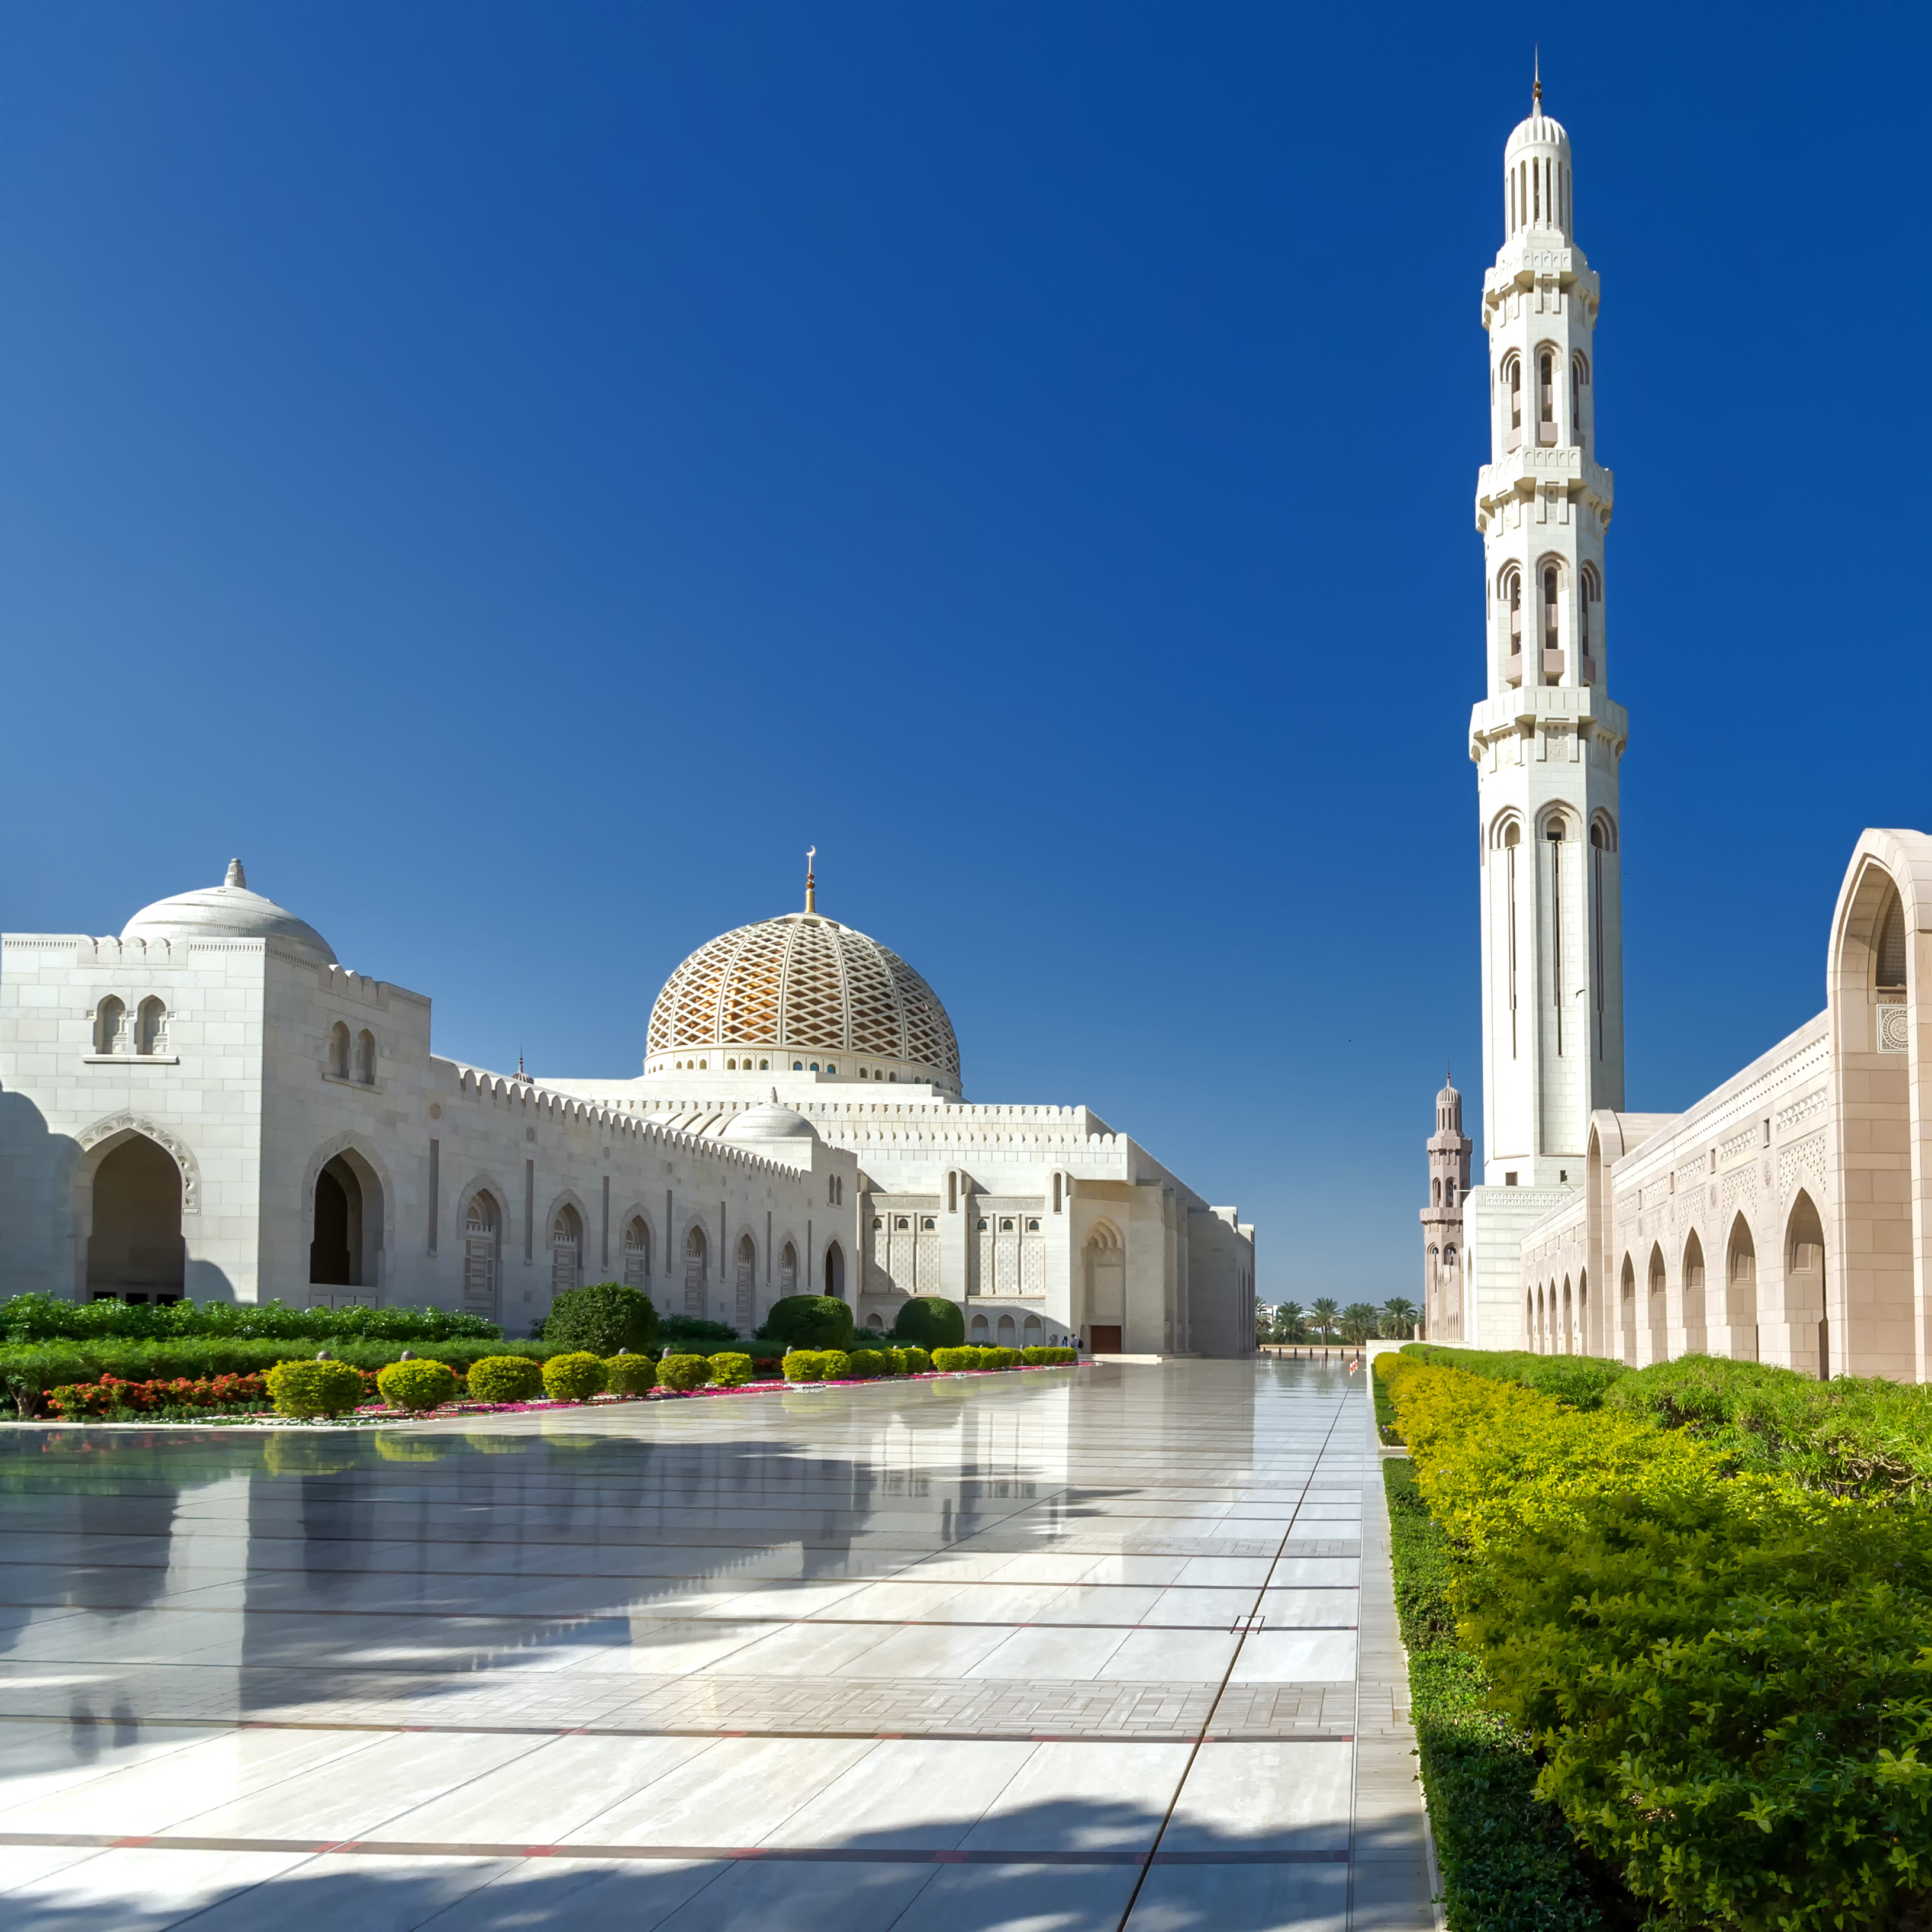 Excursiones para cruceros en Omán